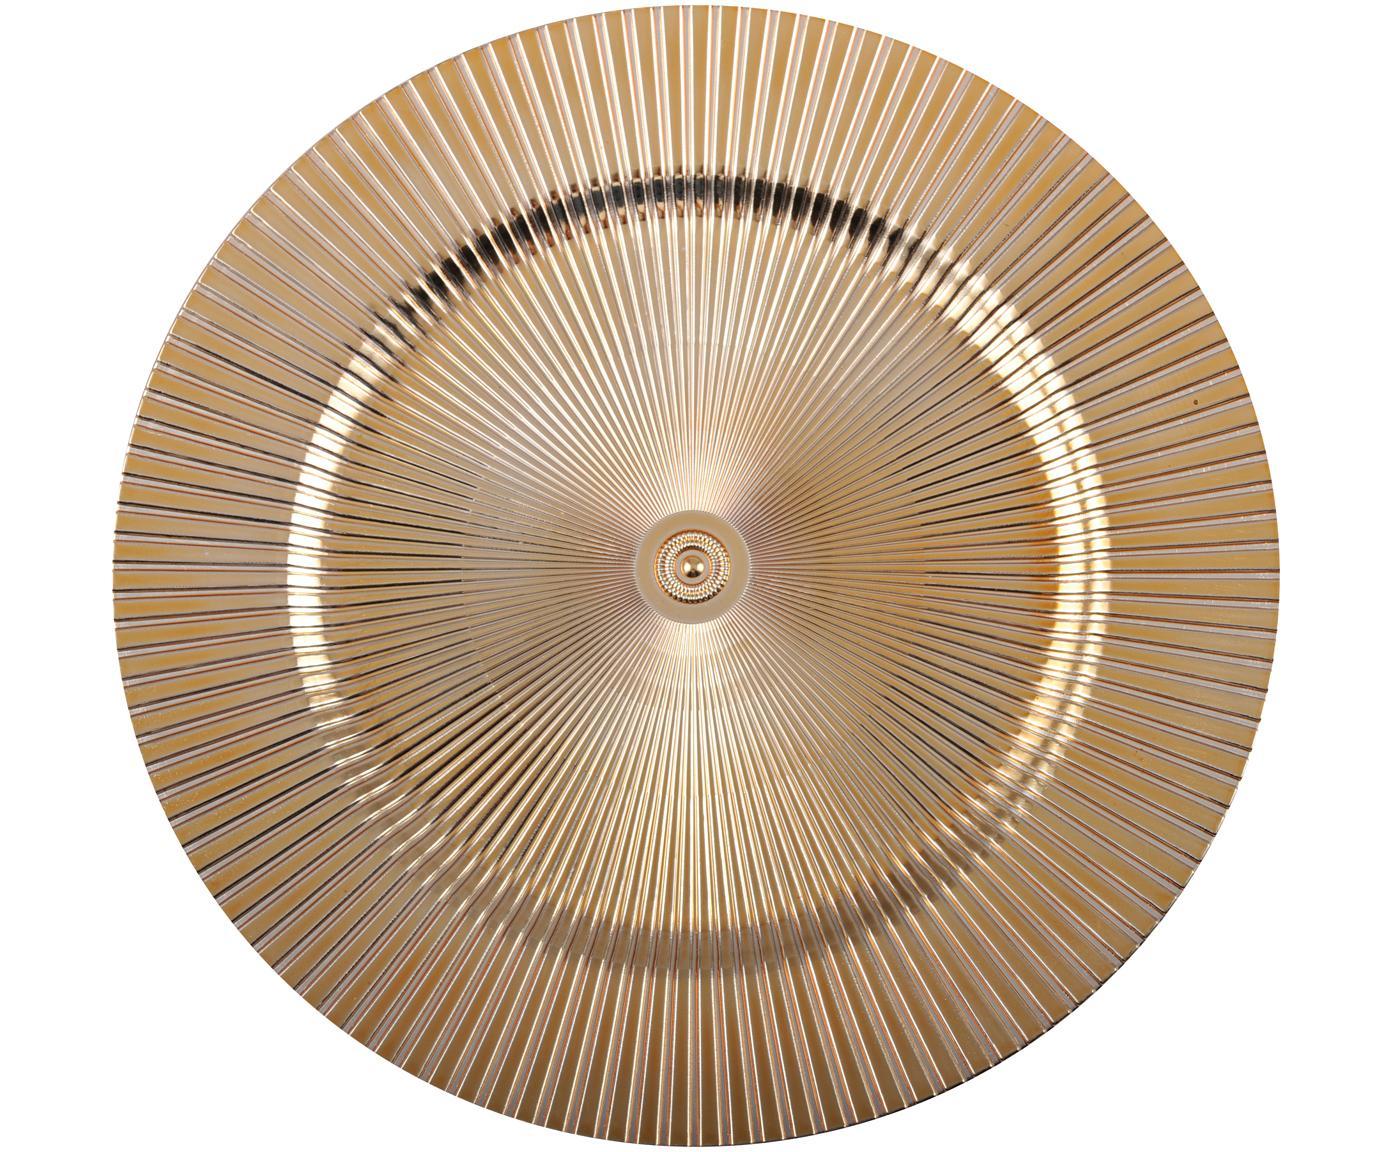 Platzteller Elegance in Gold und mit Rillen, Kunststoff, Goldfarben, Ø 31 cm